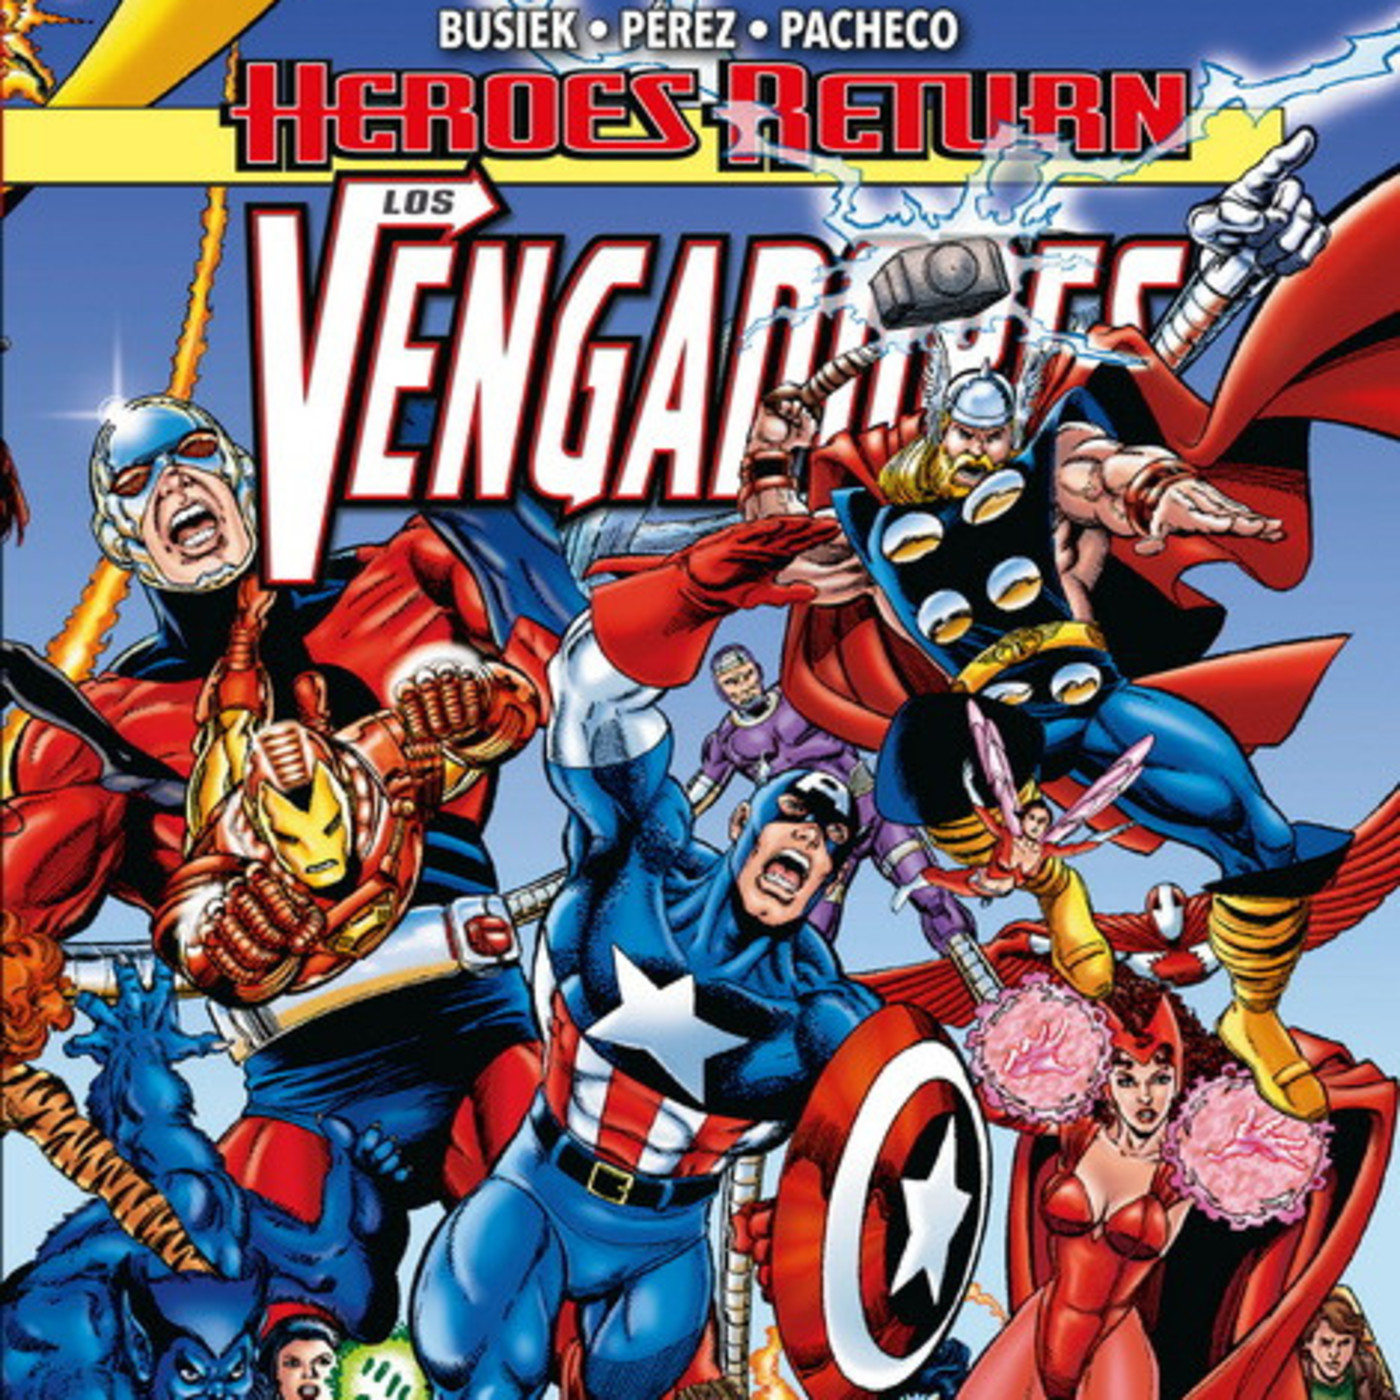 Los Vengadores:Heroes return-Las cualidades del líder con referencias artúricas